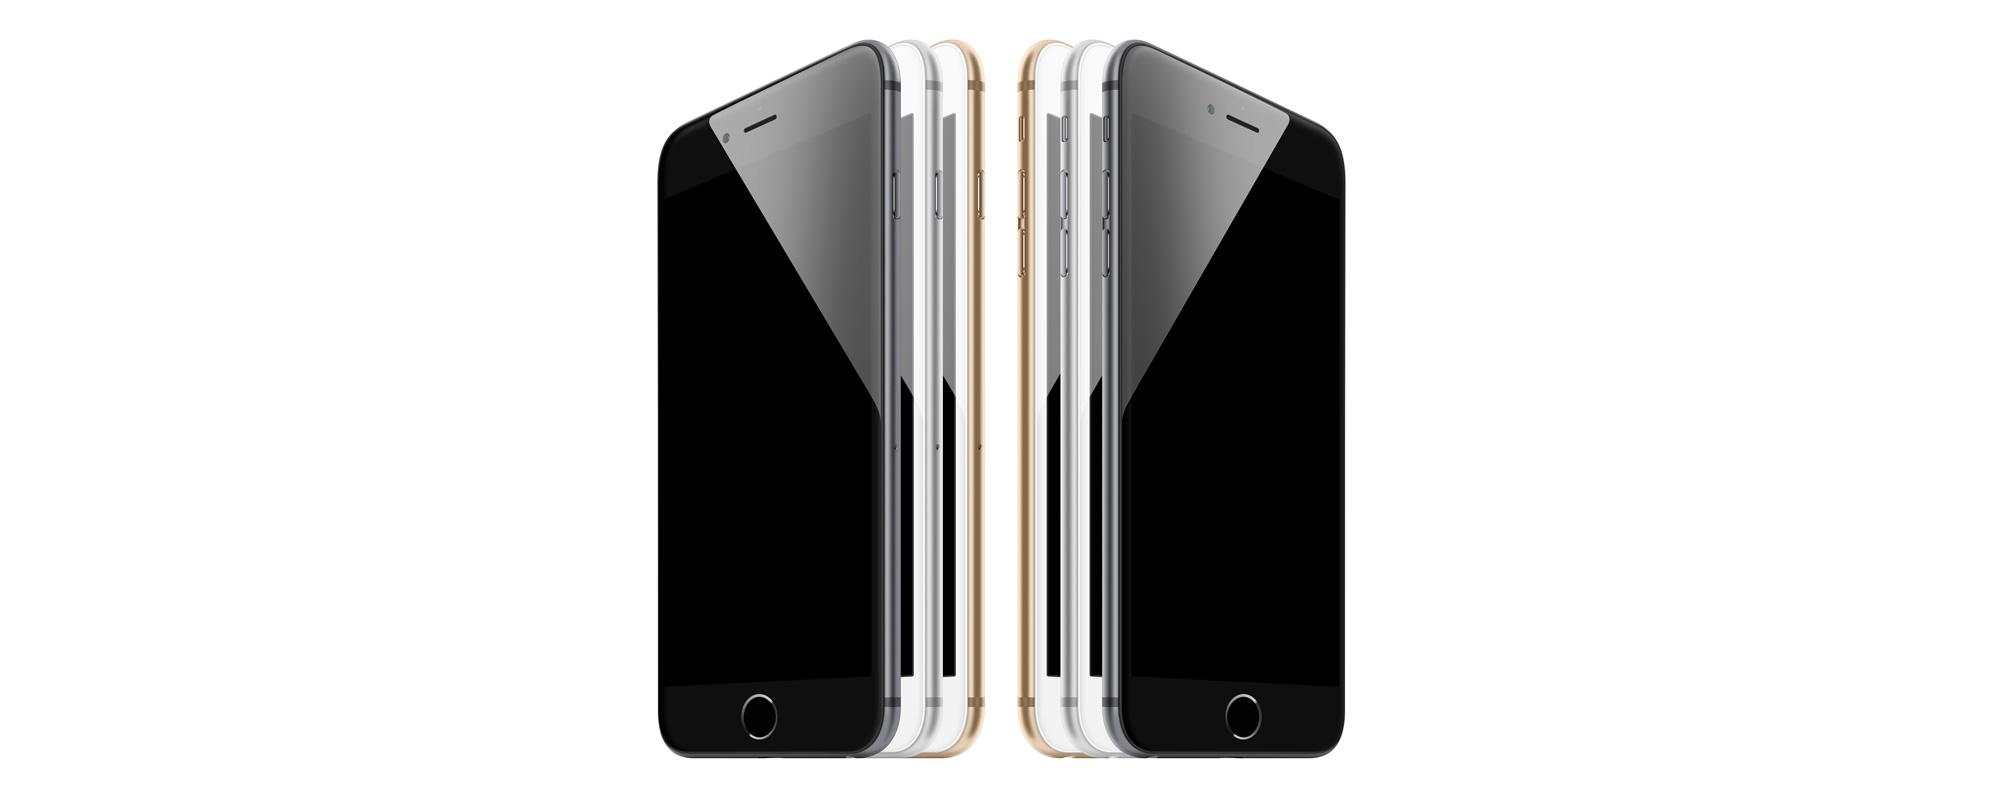 アップル「バッテリー劣化によるiPhoneのパフォーマンス低下は意図的」と発表